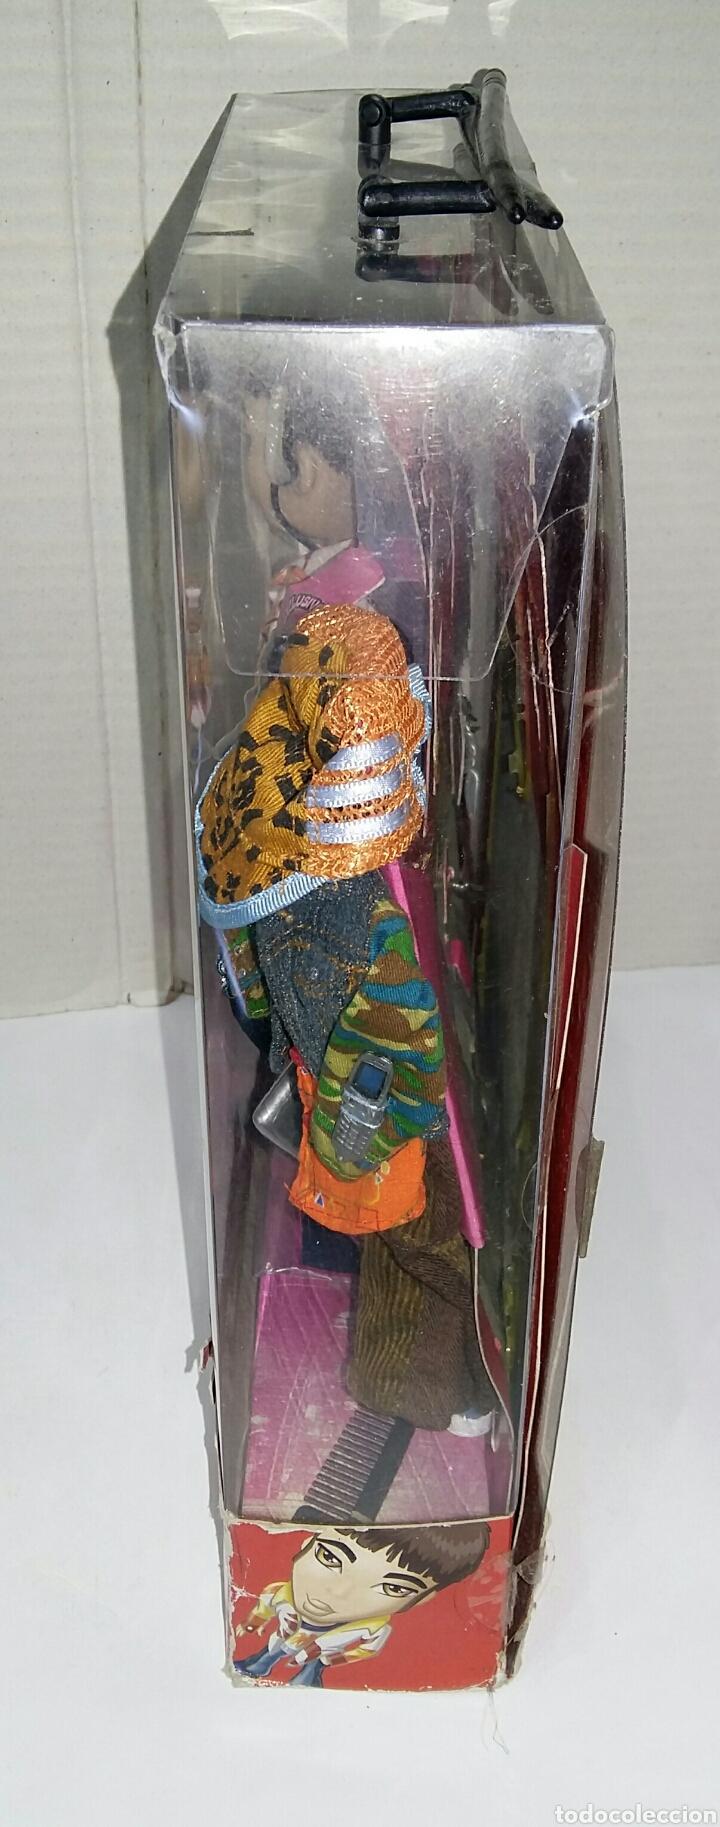 Muñecas Modernas: BRATZ BOYZ EITAN. TOKYO A GO - GO. NUEVO EN CAJA. BRATZ WORLD. BANDAI. MGA. 2004. - Foto 5 - 197258265